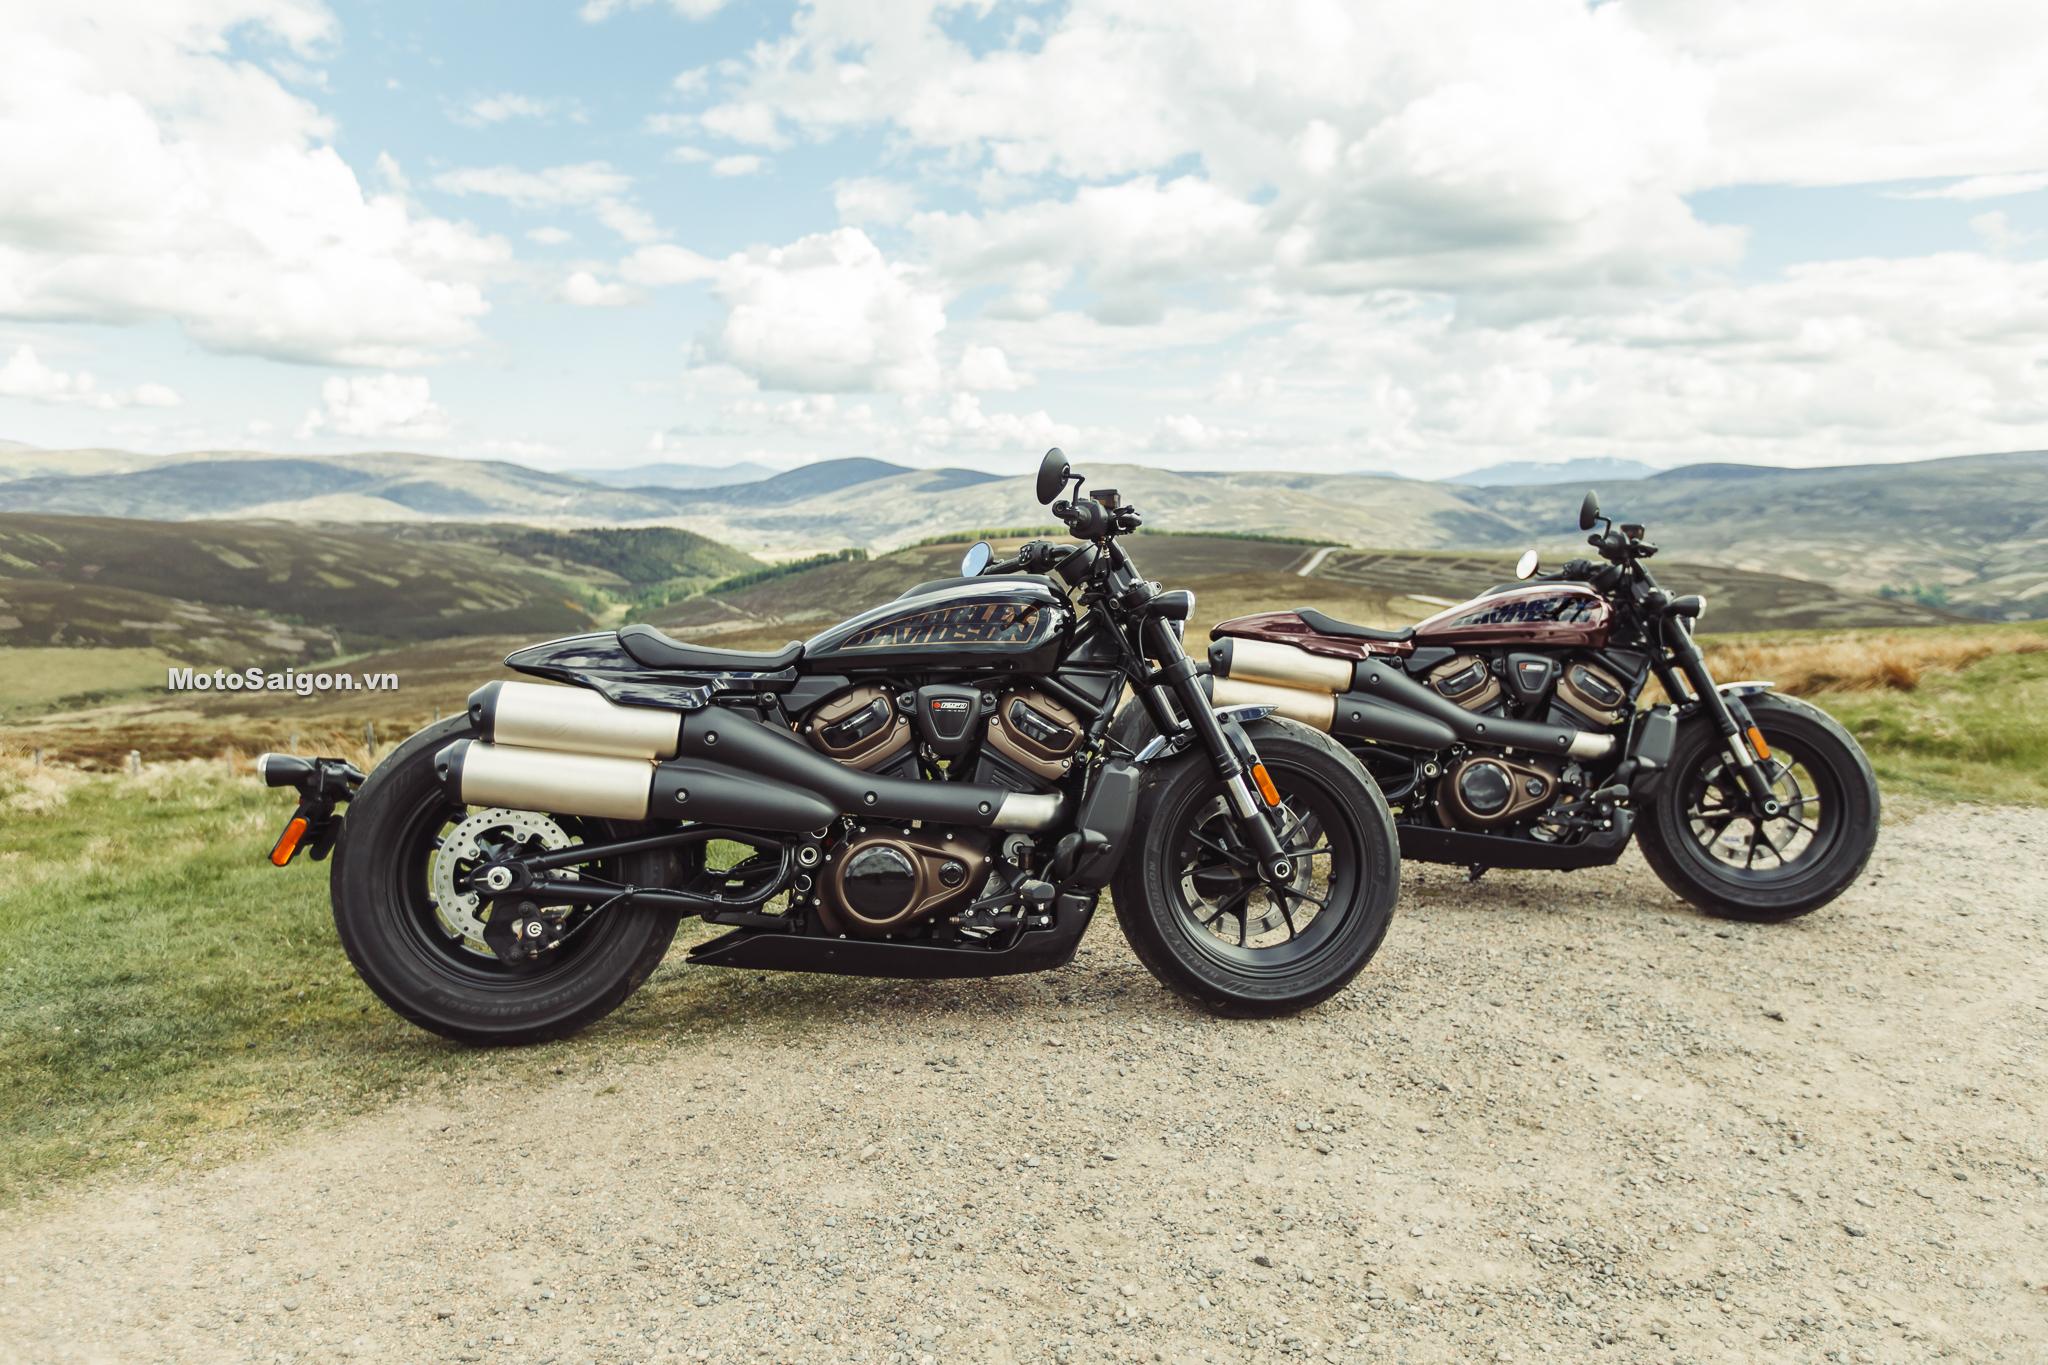 Harley-Davidson Sportster S 2021 chính thức ra mắt và công bố giá bán